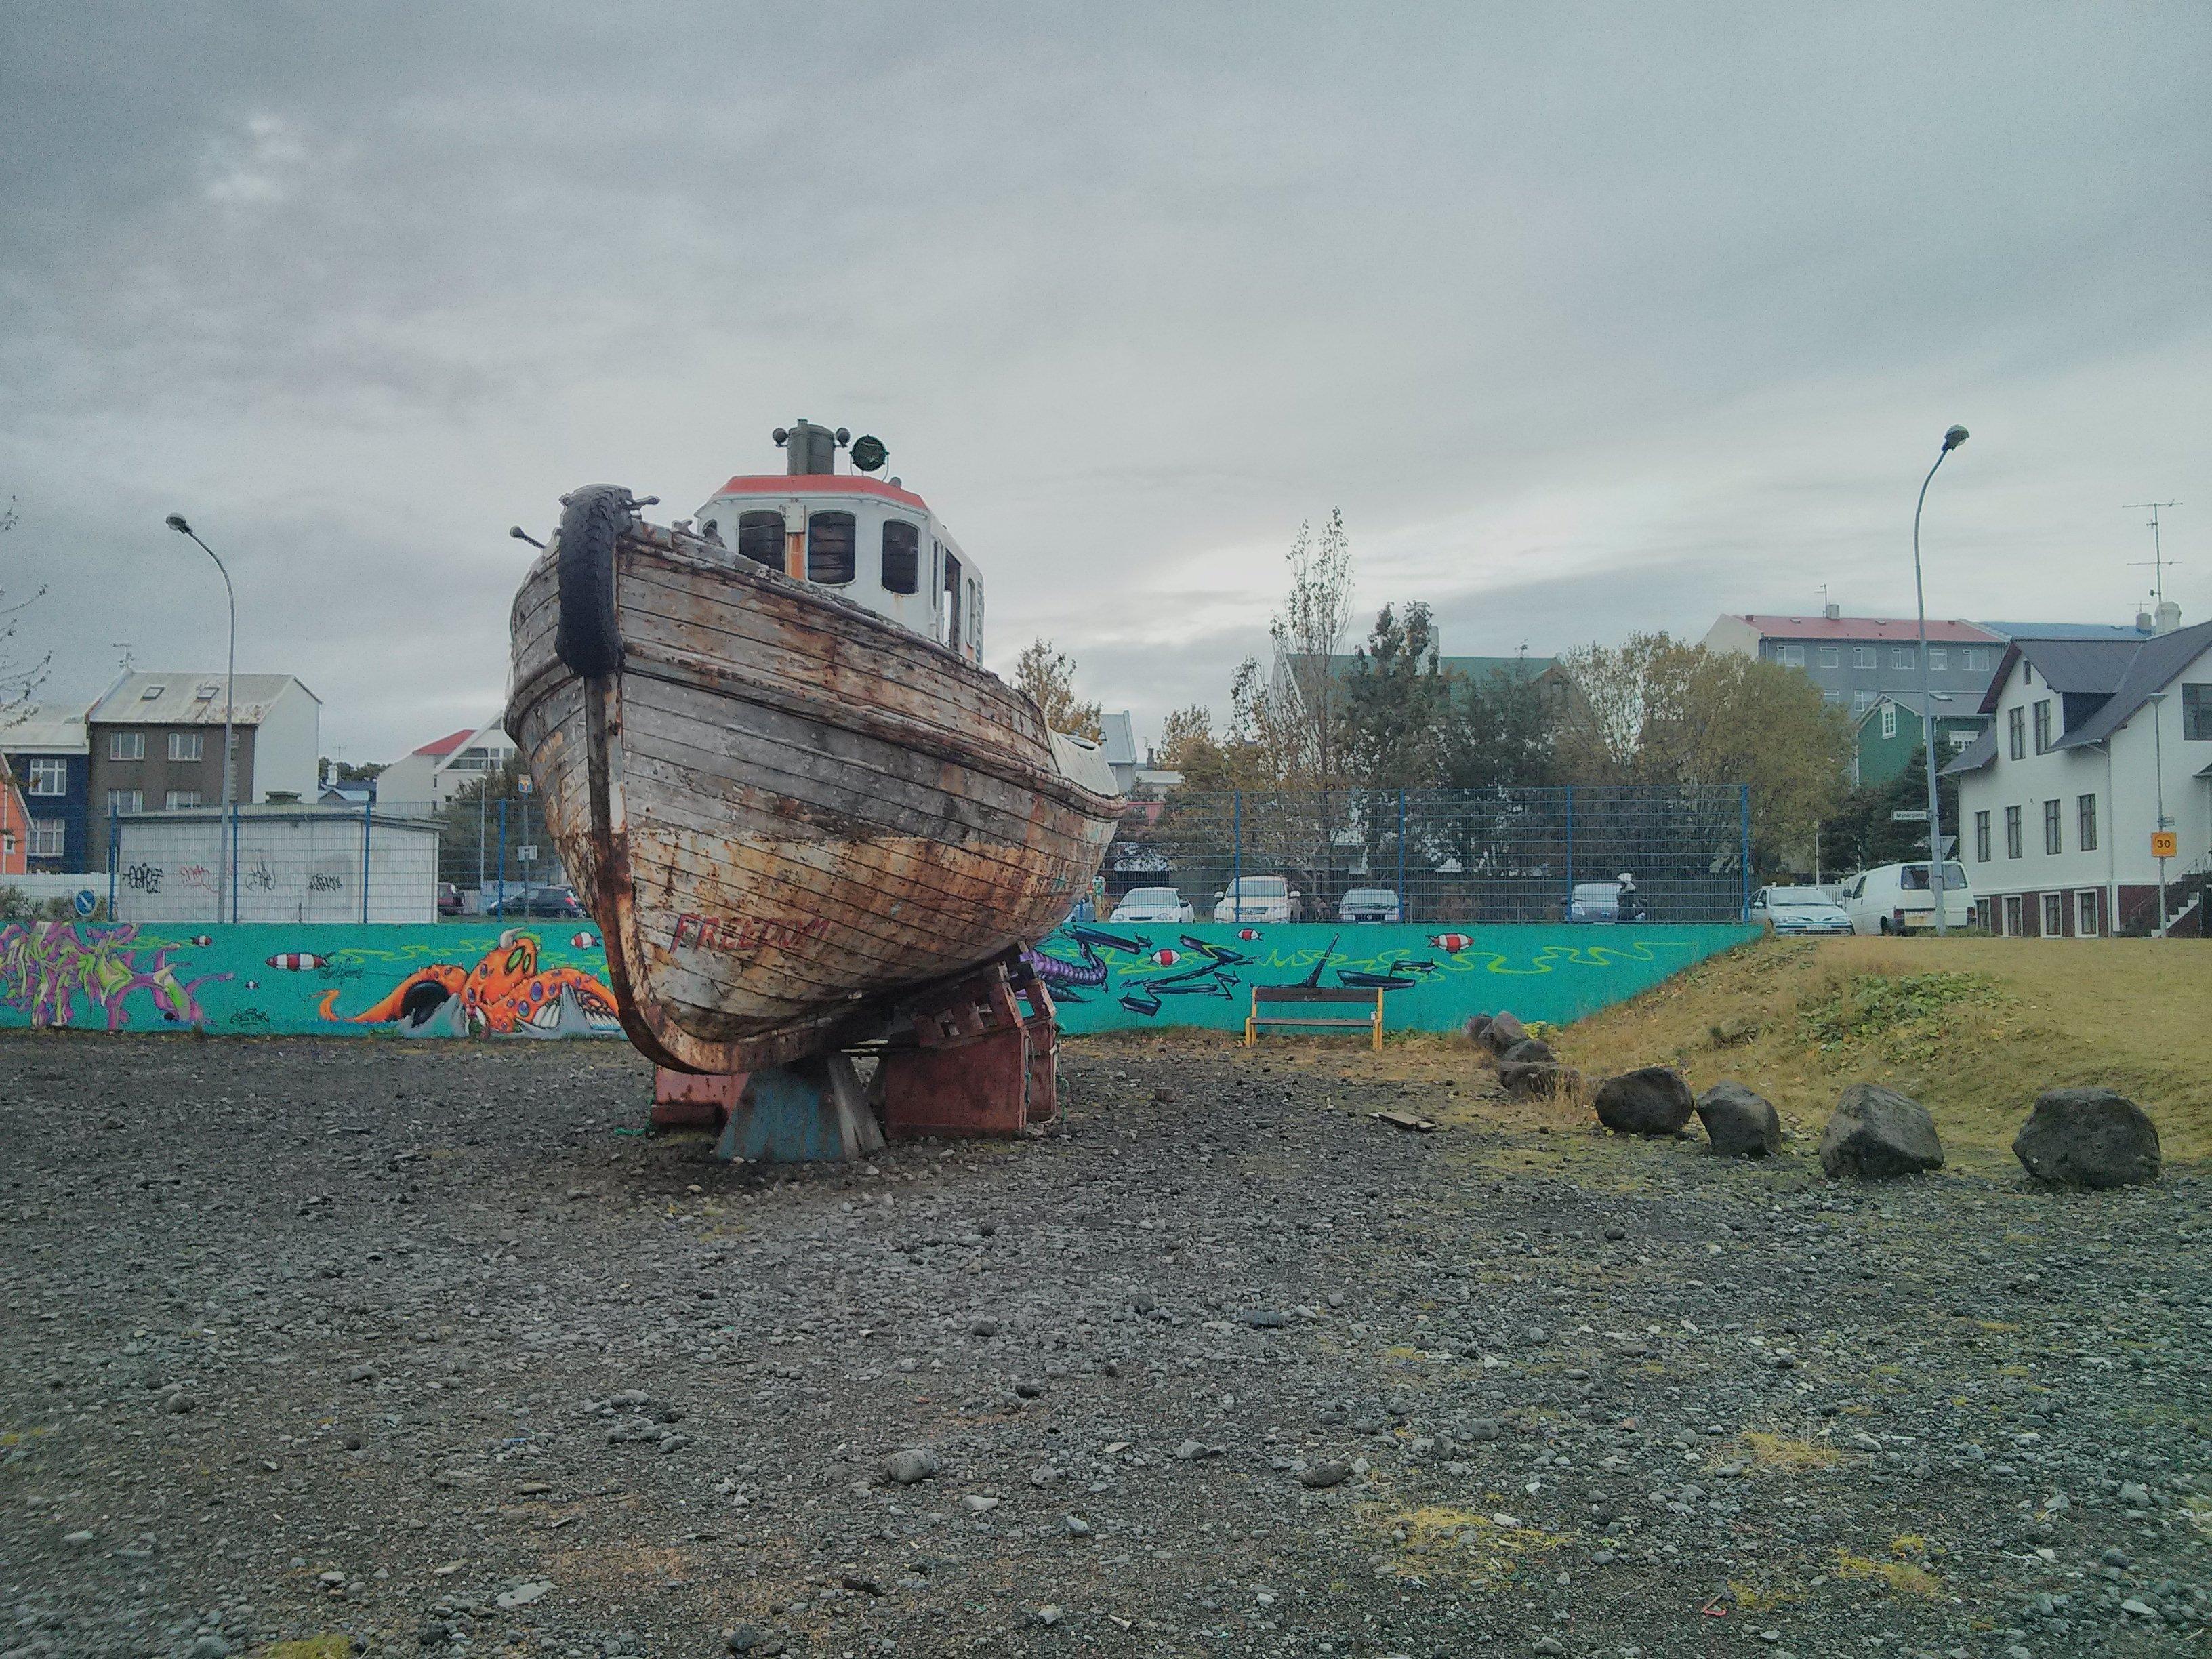 tugboat_mural_houses